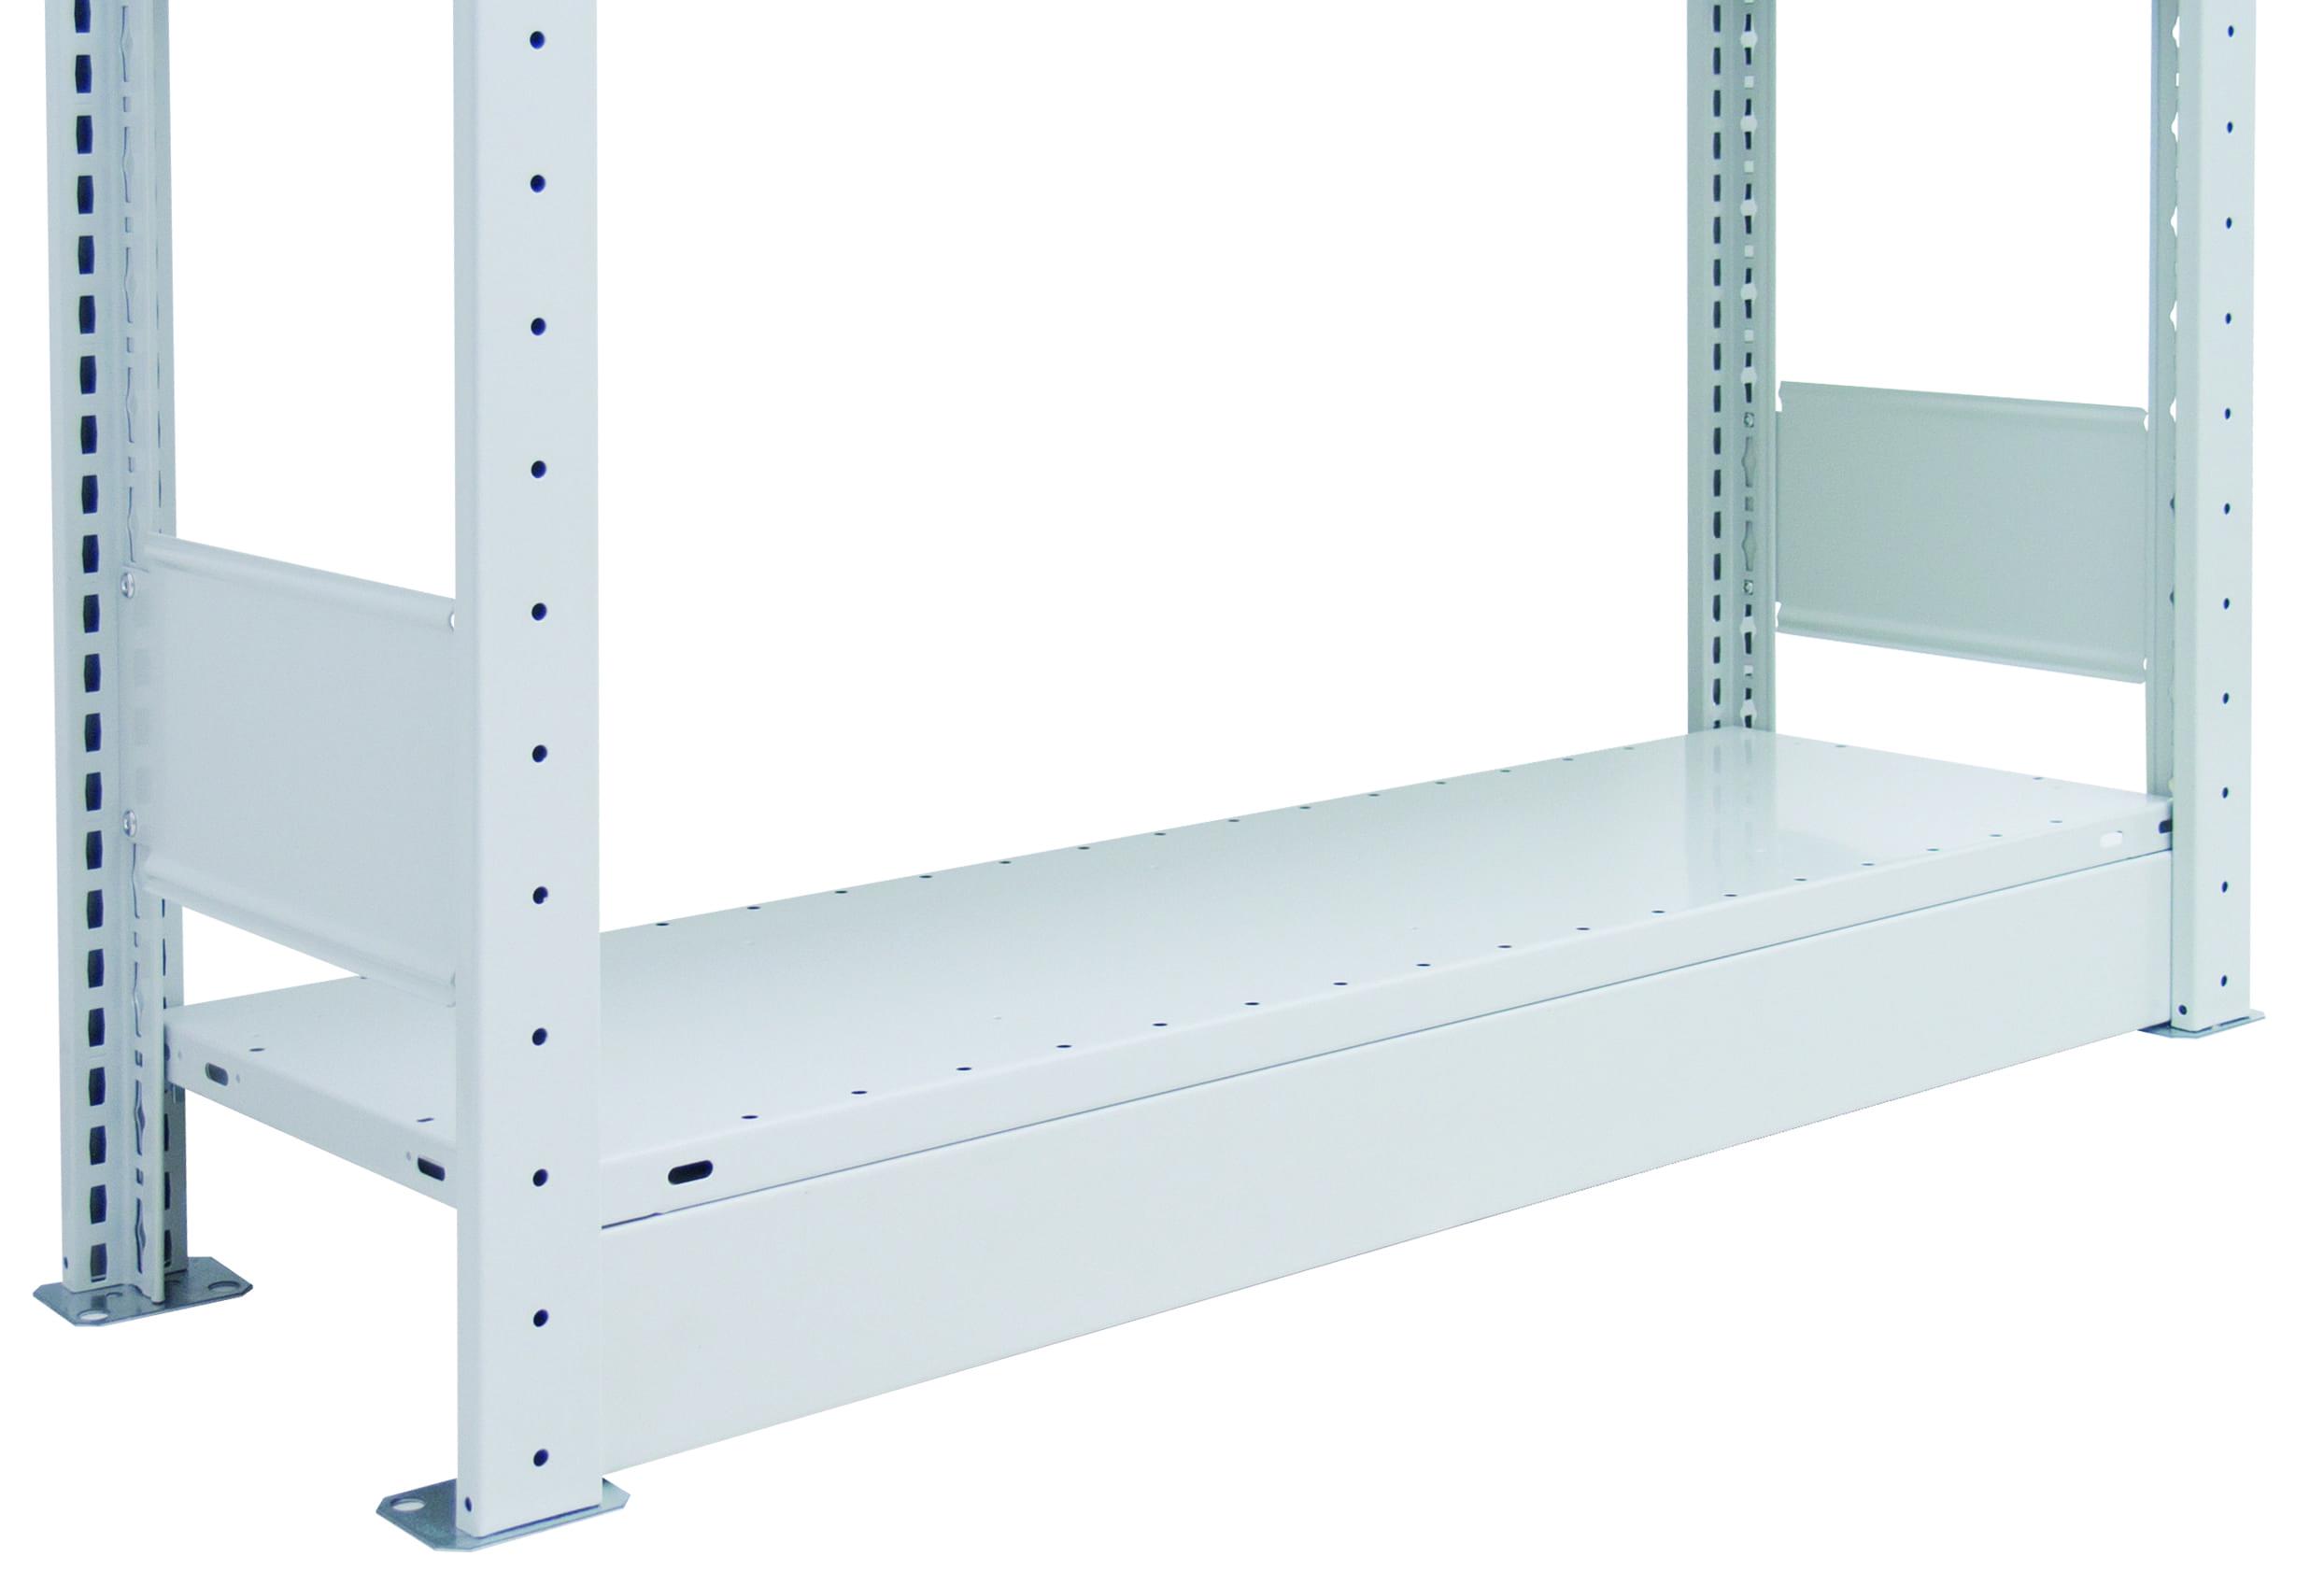 Sockelblende  750 mm, 90 mm hoch – für Stecksystem, mit 2 Stiften